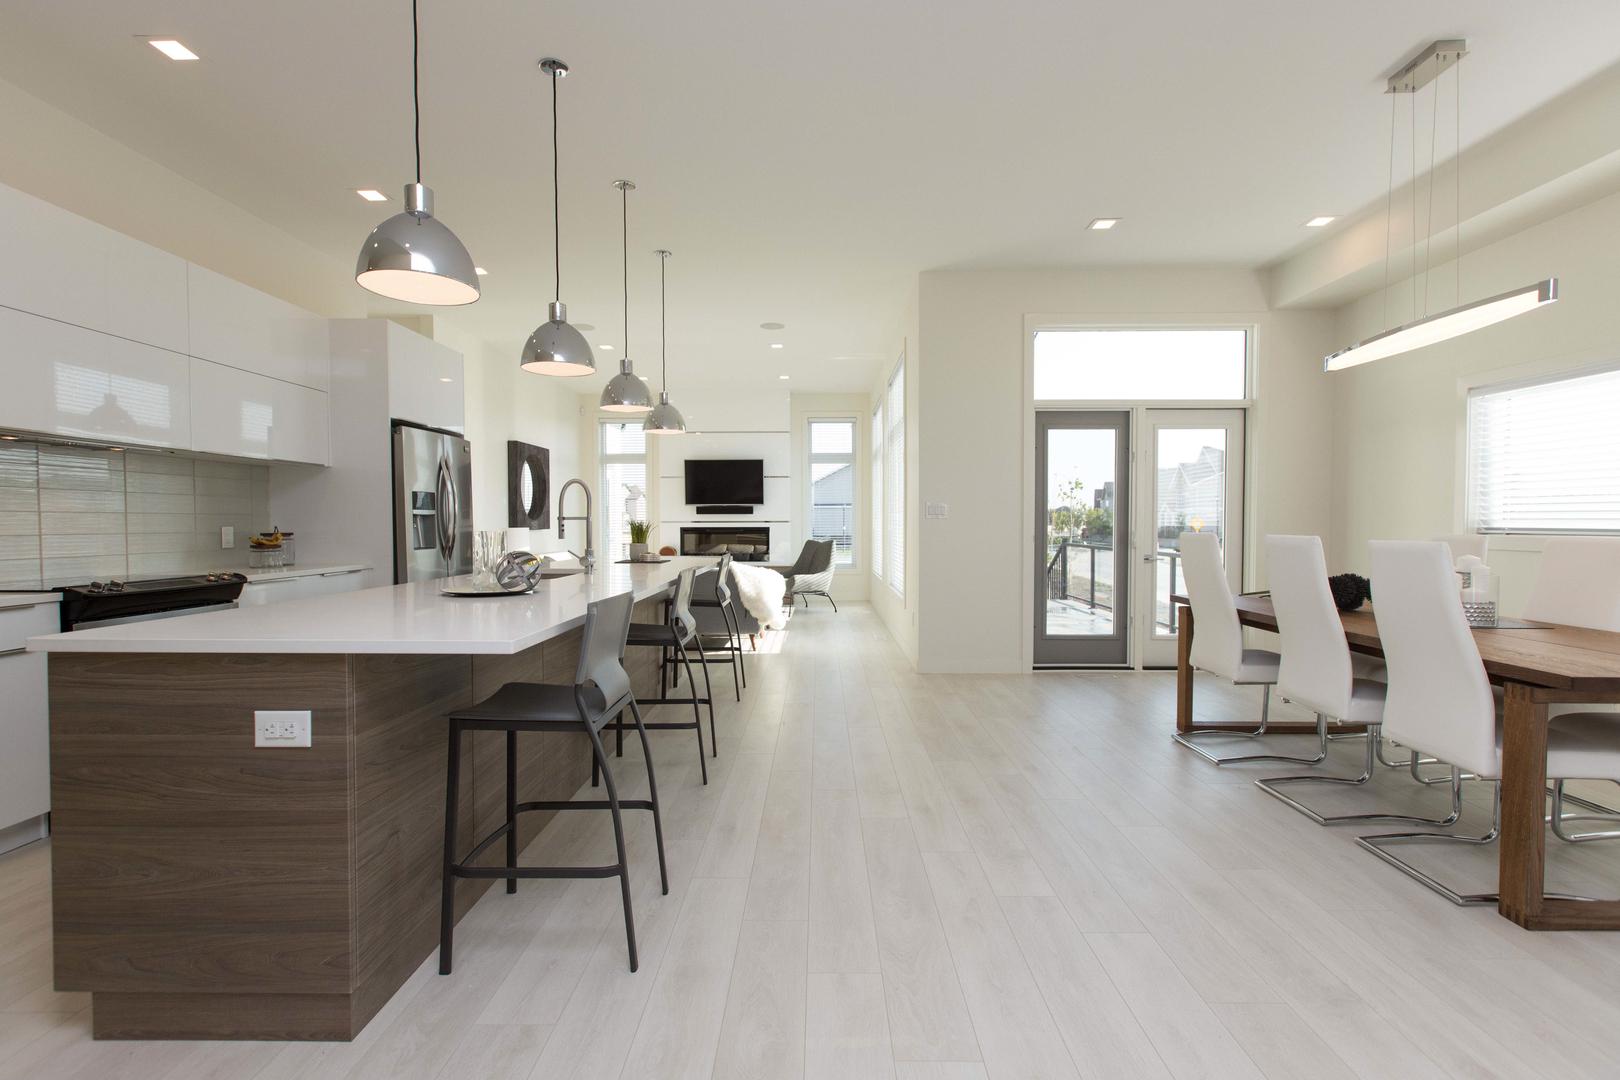 Showhomes| Winnipeg Home Builders, Custom Homes & Renovations